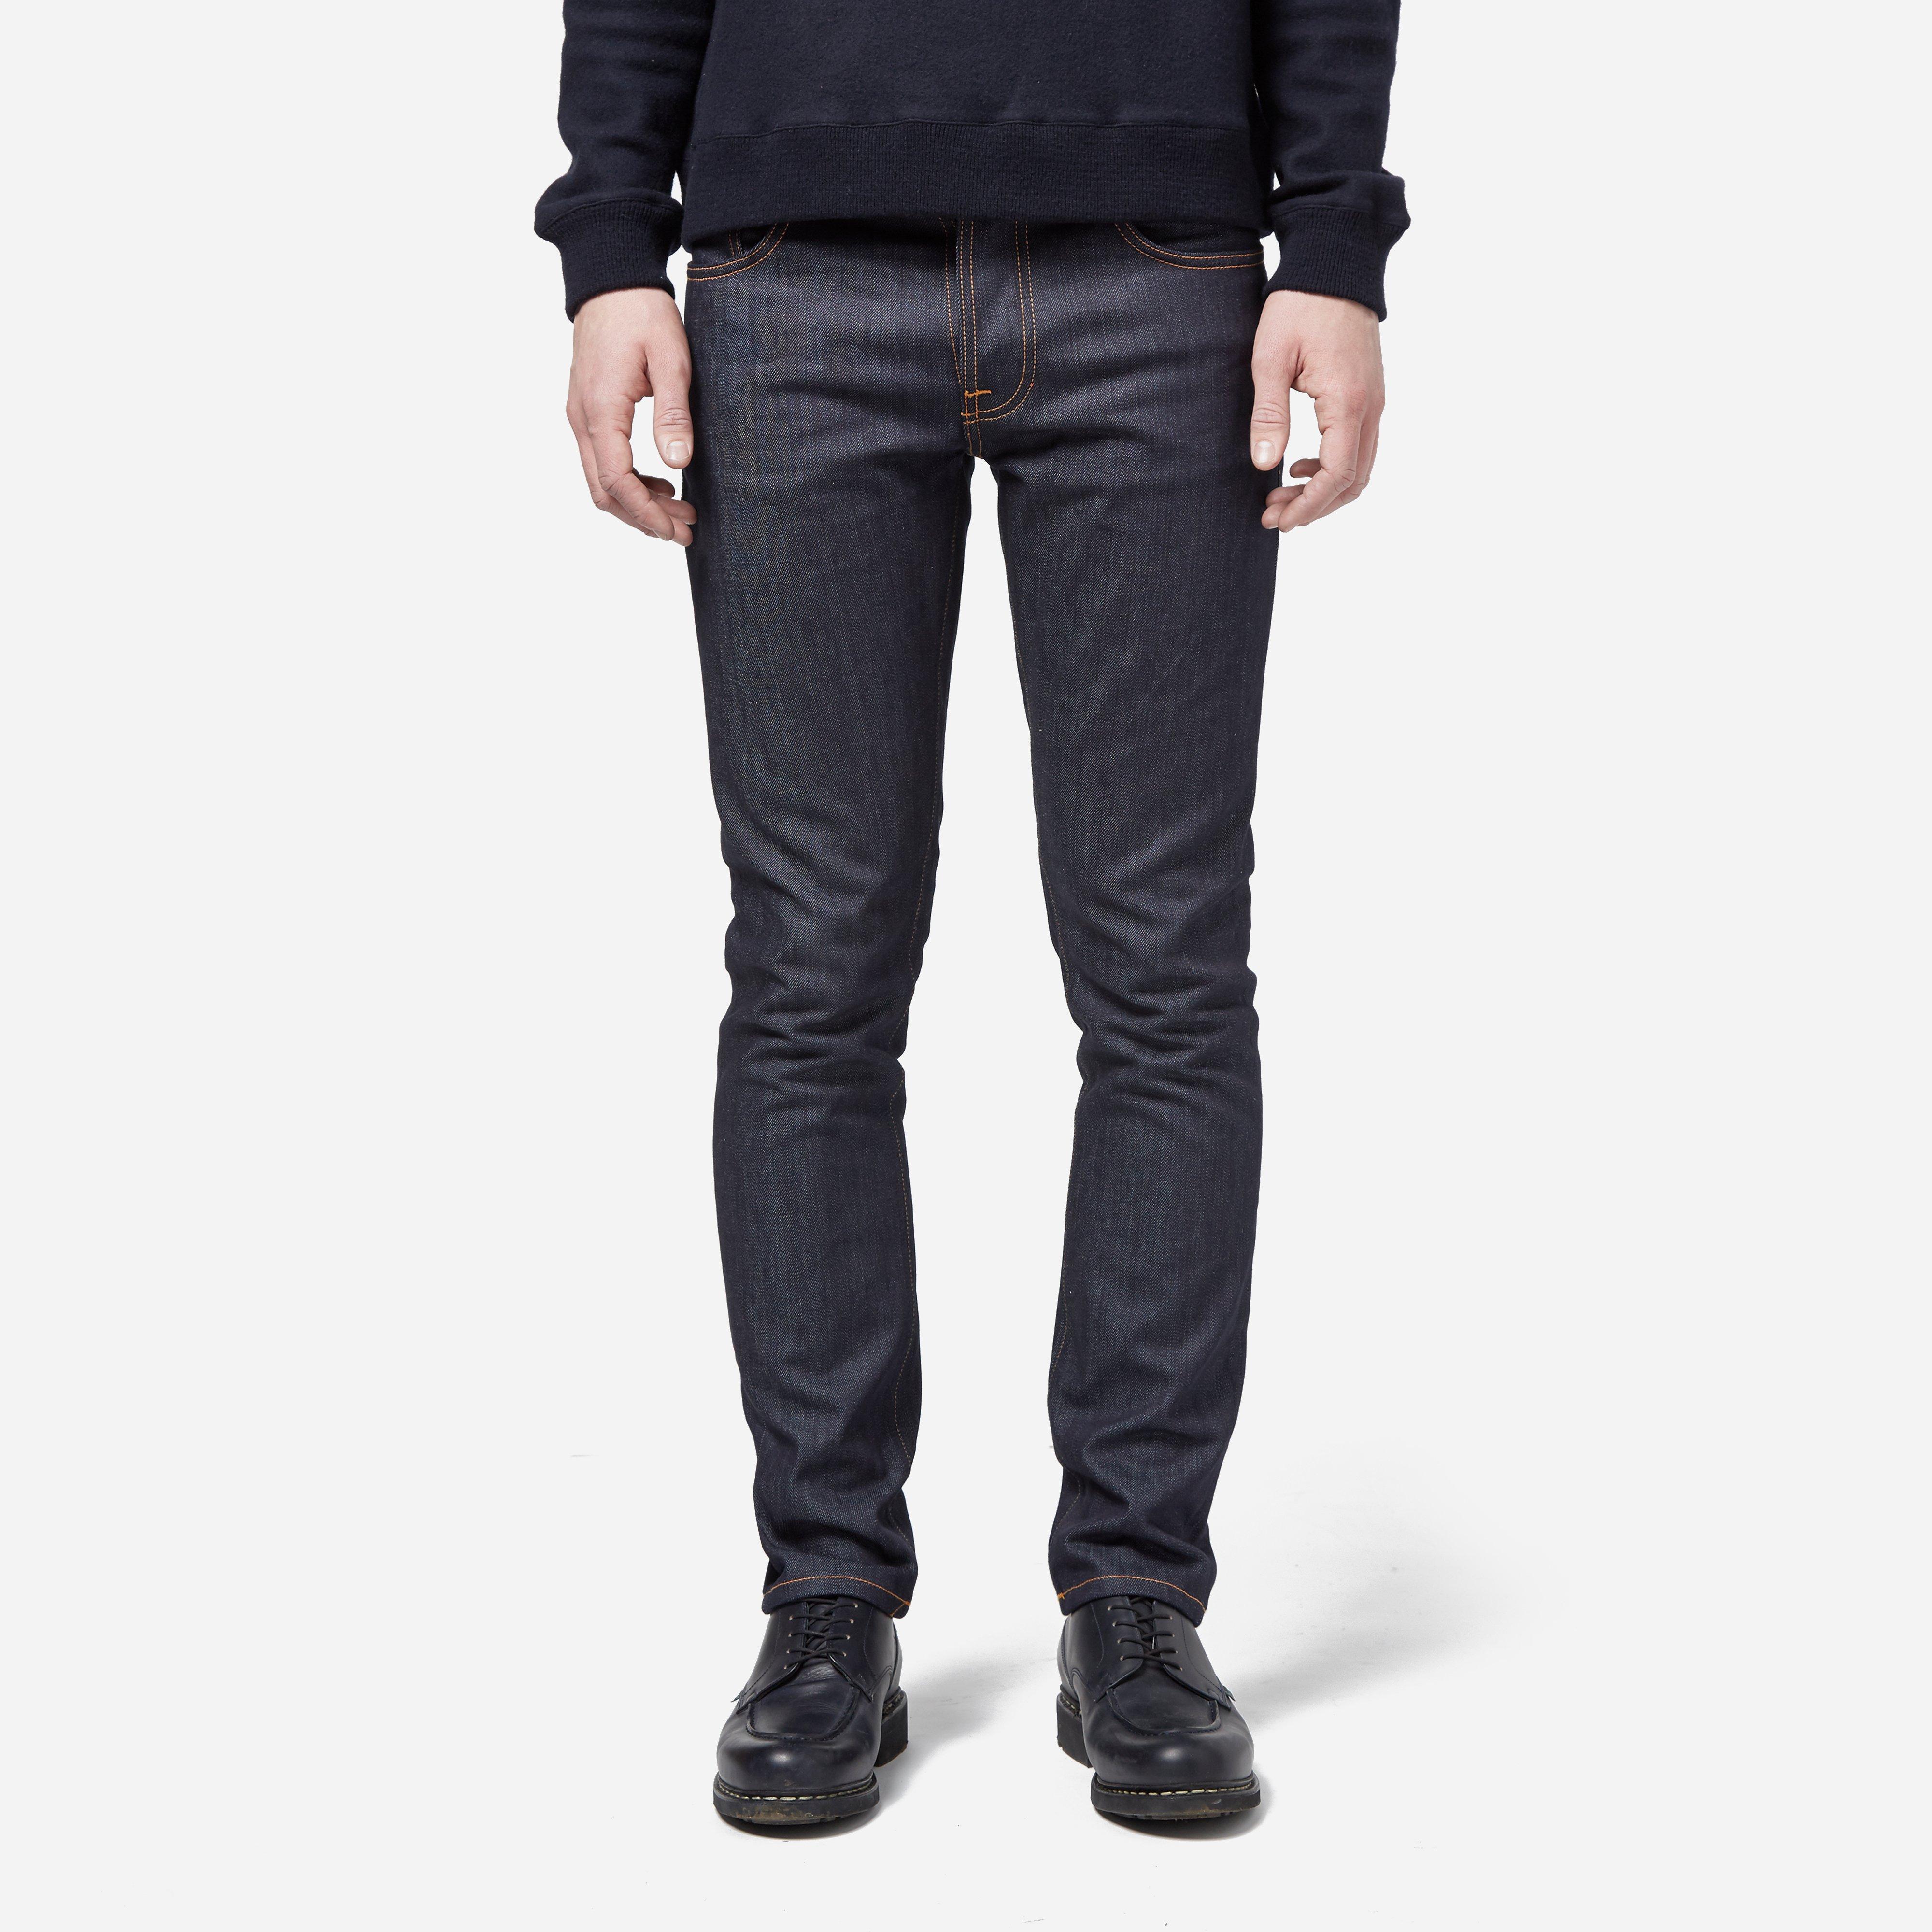 Nudie Jeans Grim Tim - Dry Open Navy Jean